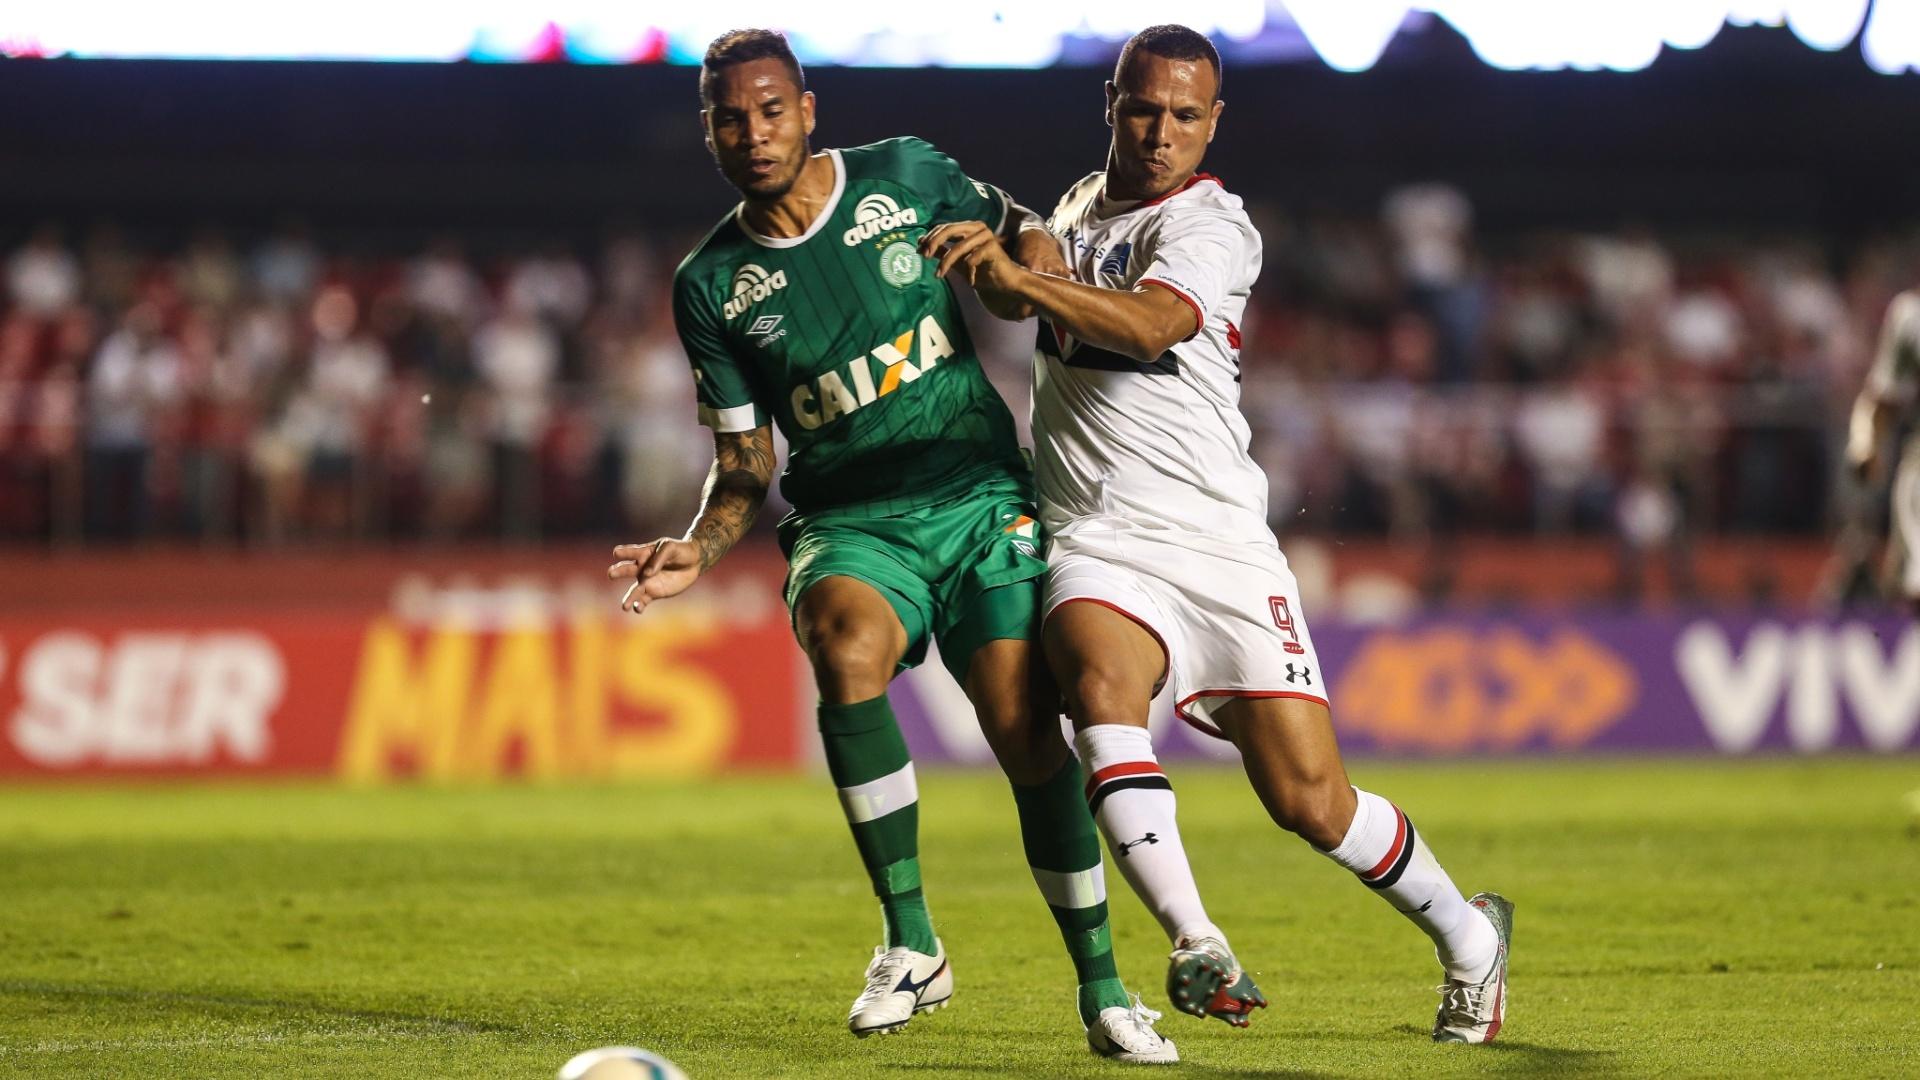 Luis Fabiano disputa a bola durante o confronto entre São Paulo e Chapecoense no Morumbi